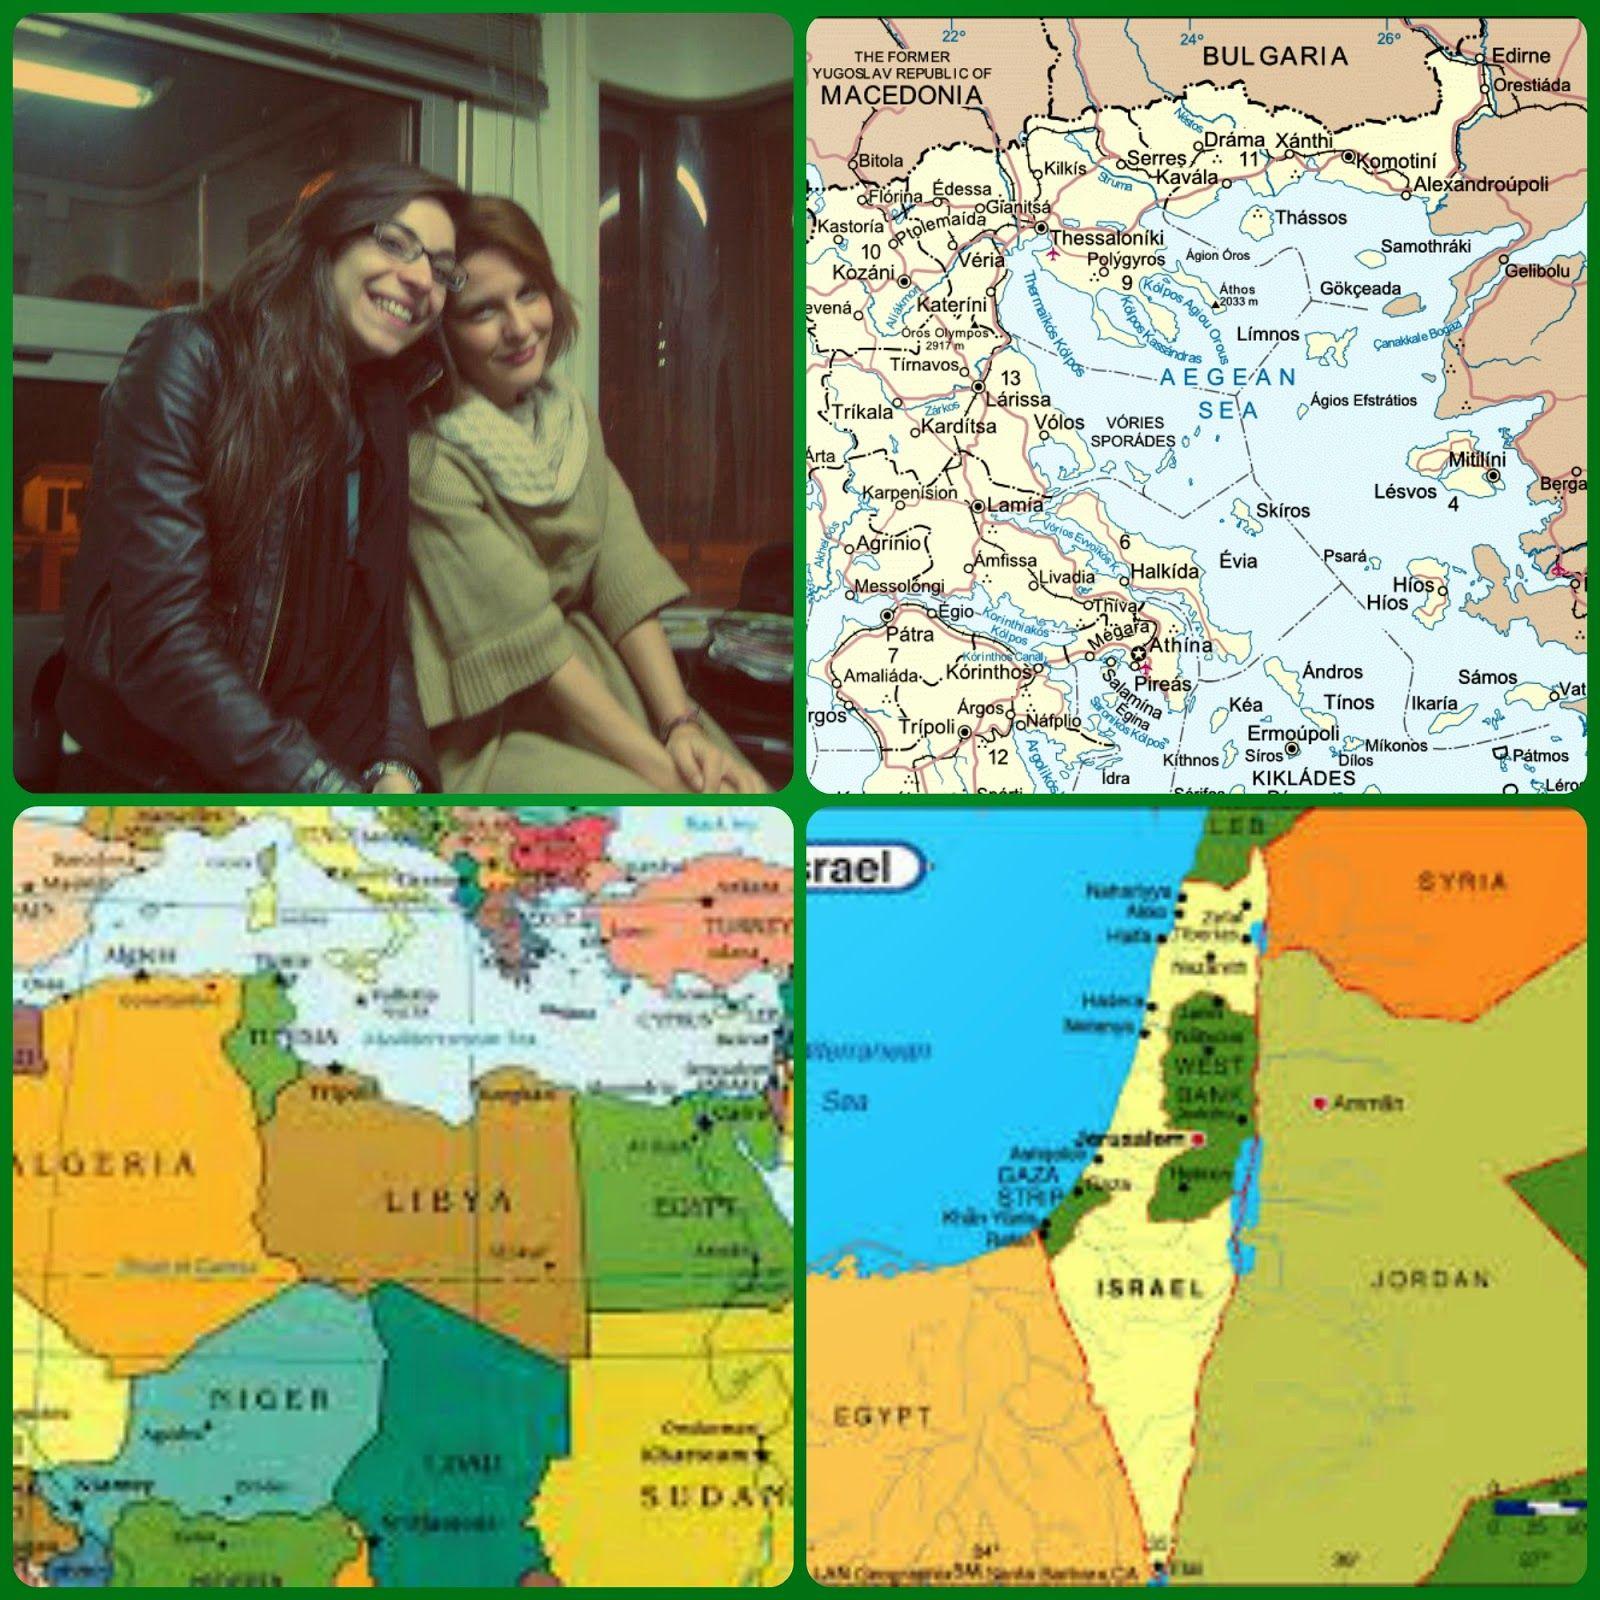 Controvento (Racconti di Incontri): 22 ore bulgare. The real story of 22 hours in Bulgaria!